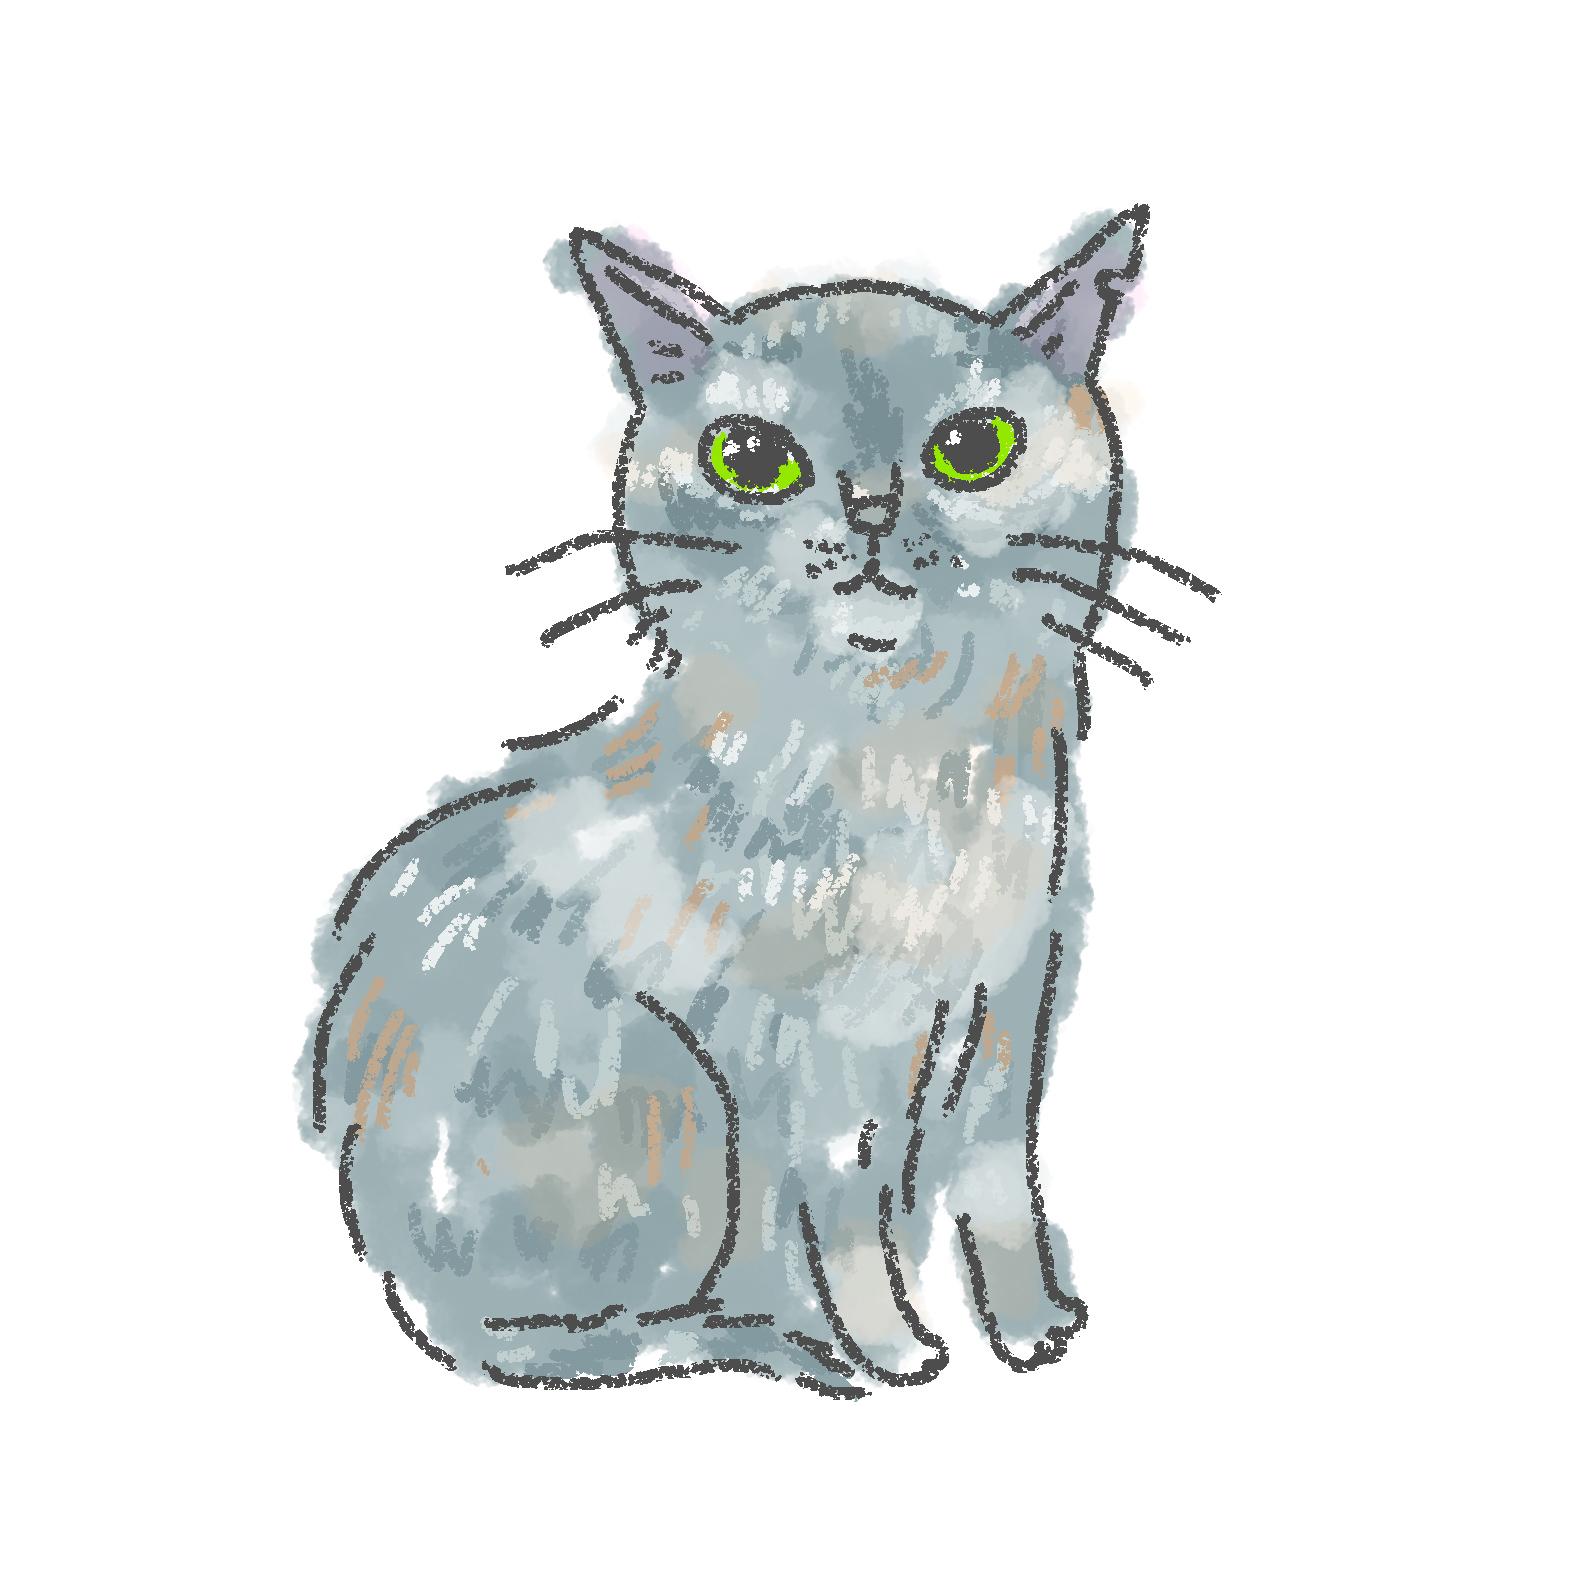 入居猫 ゴウイメージ